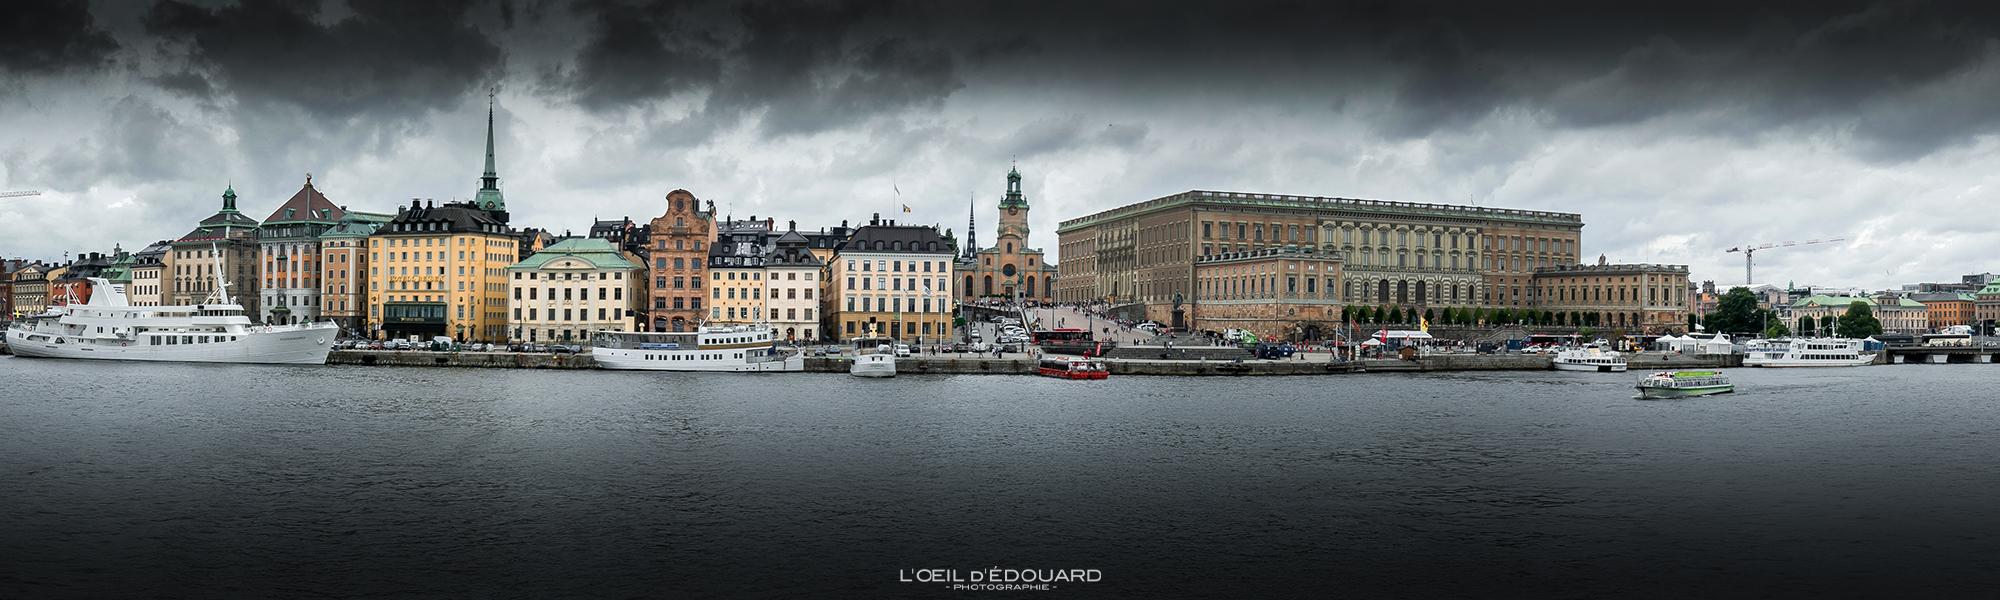 Île de Gamla Stan Stockholm Suède Sweden Sverige © L'Oeil d'Édouard - Tous droits réservés